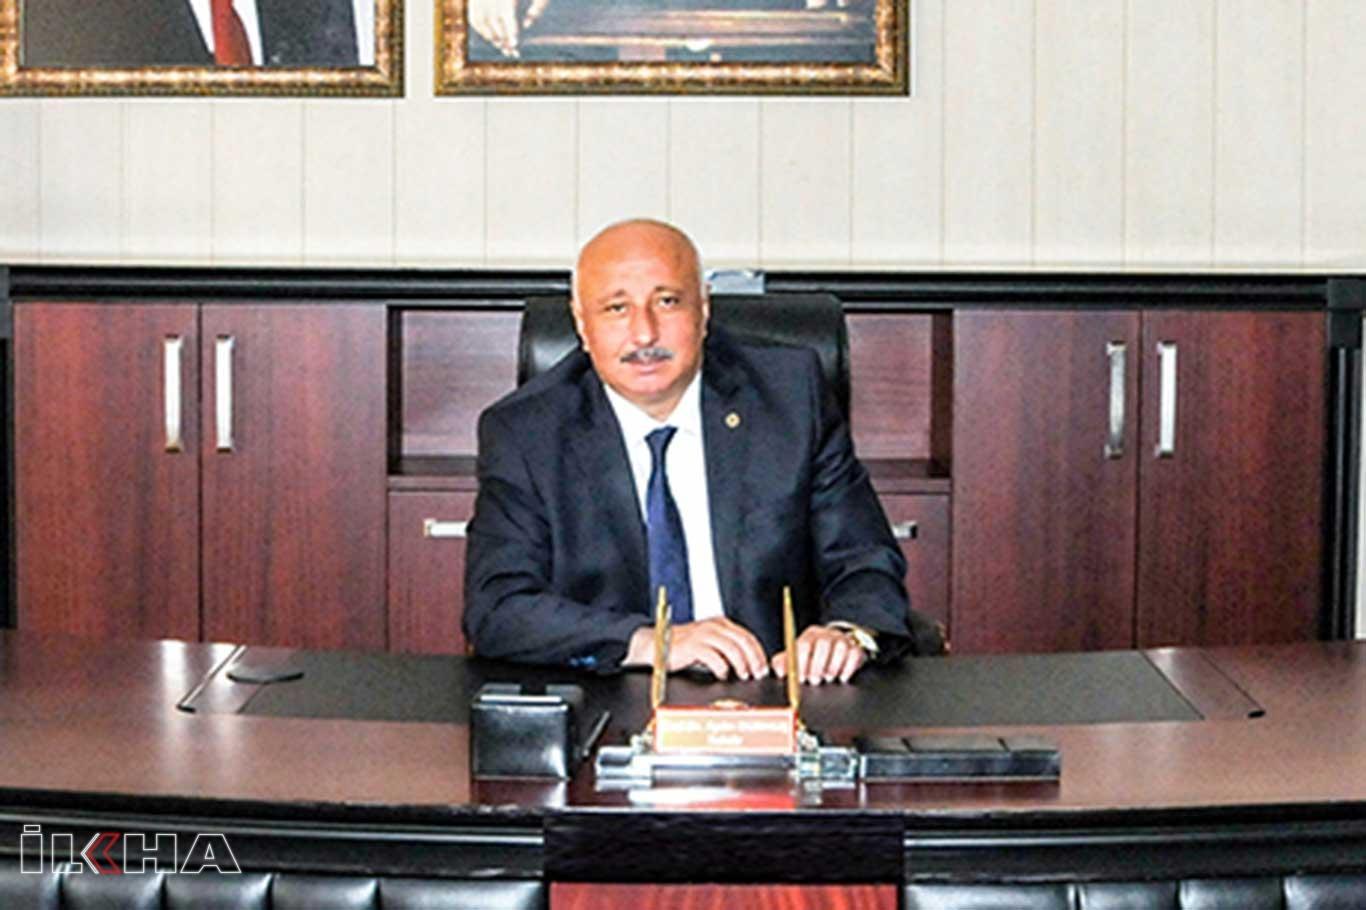 Rektör Durmuştan dünya üniversitelerine 'Barış Pınarı' mesajı.